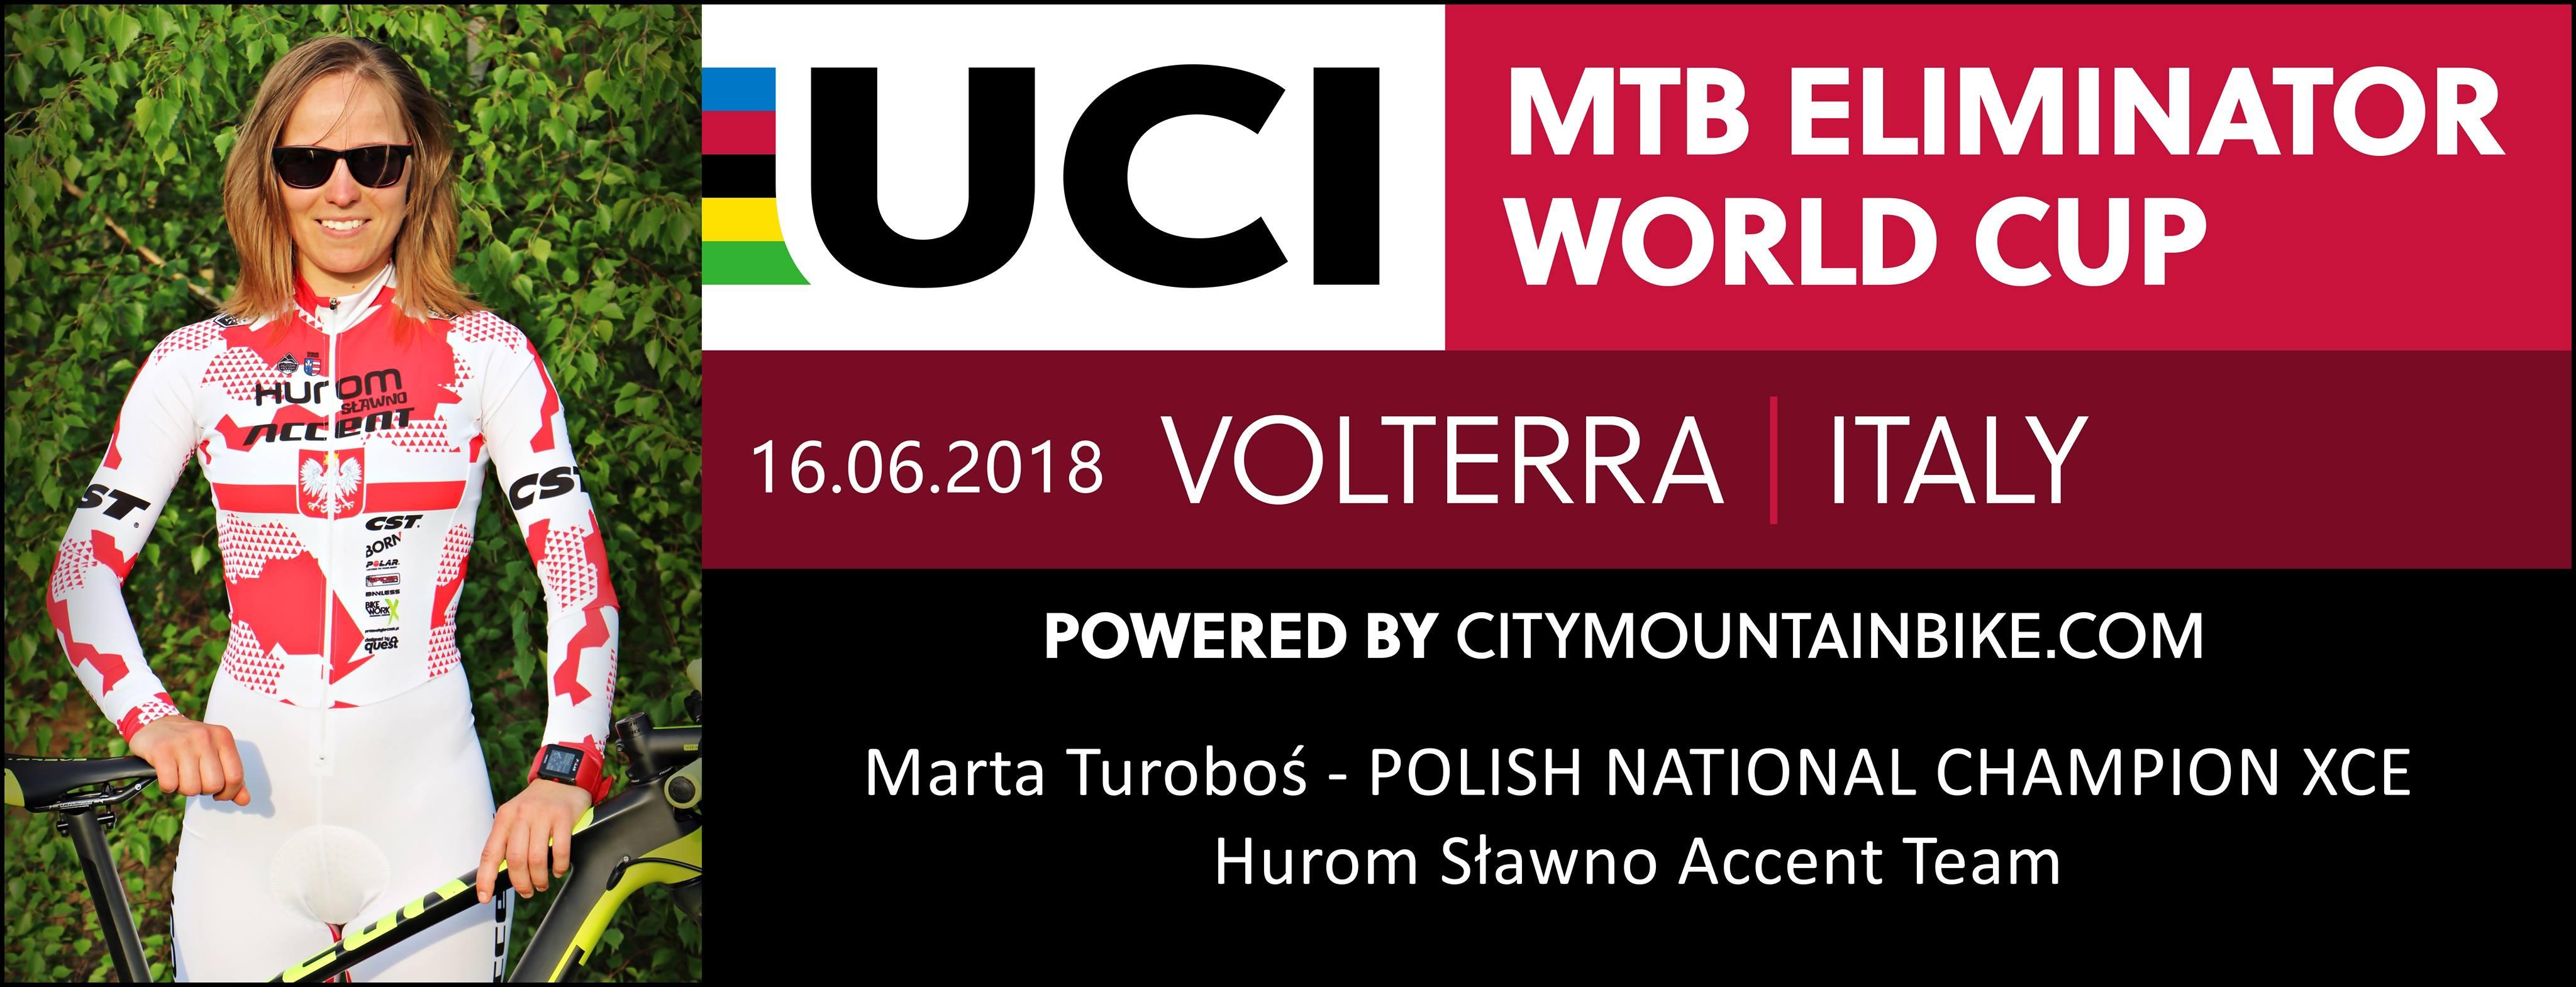 Marta Turoboś powalczy w Pucharze Świata XCE we Włoszech